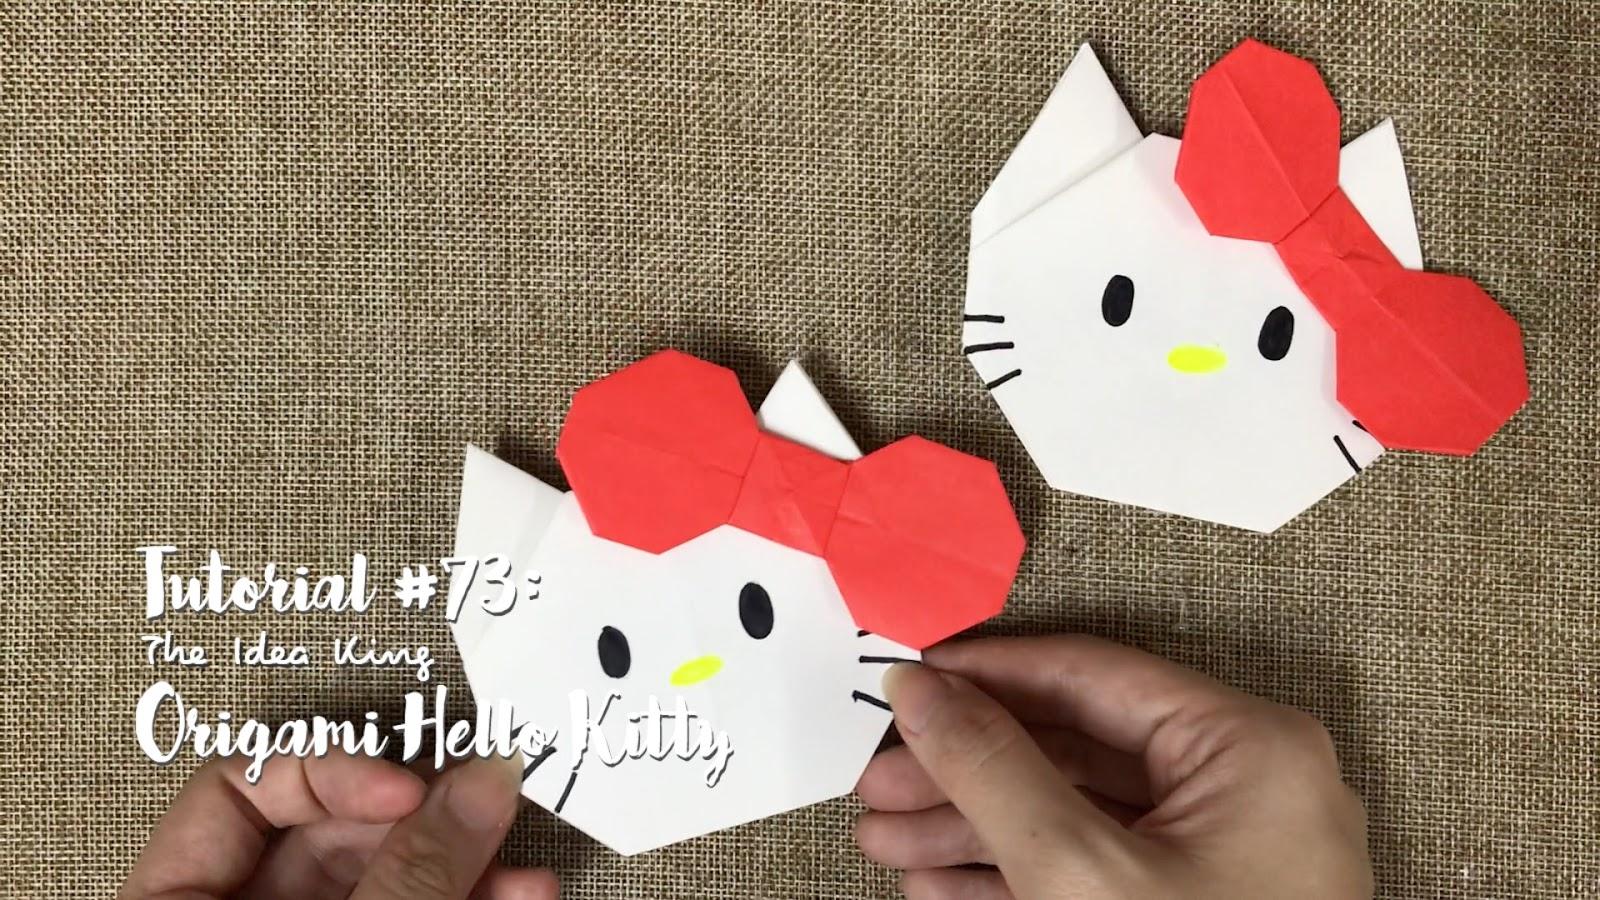 Unduh 93+ Gambar Hello Kitty Dari Origami Terbaru Gratis